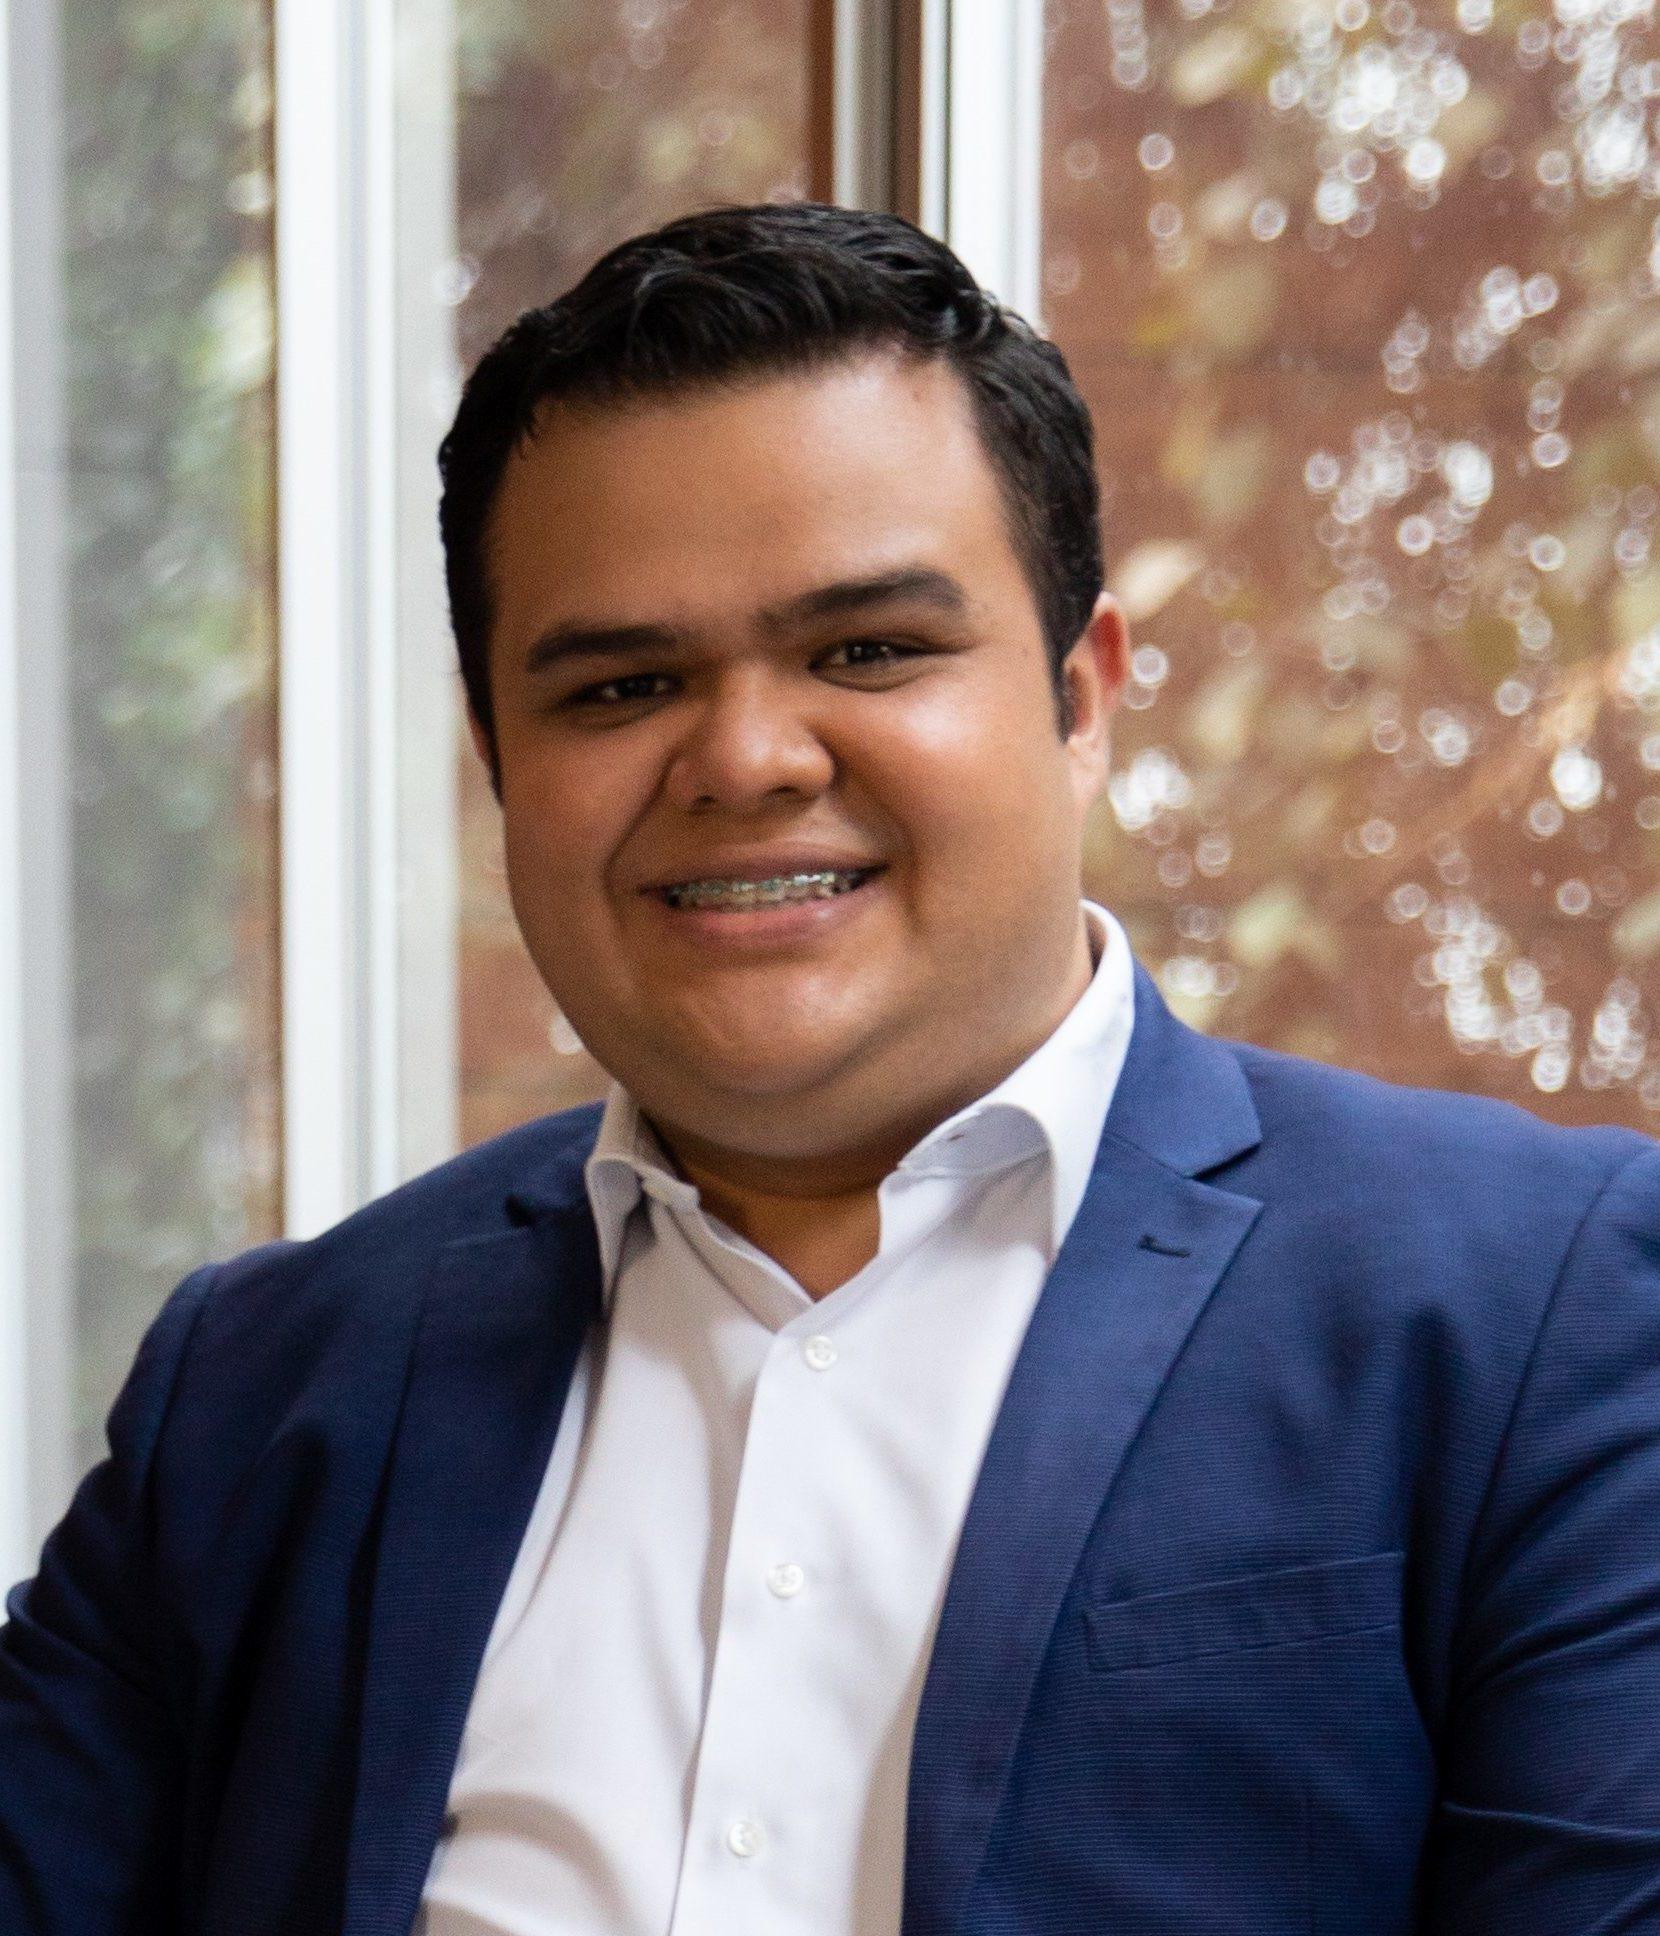 Josué Vargas Rojas